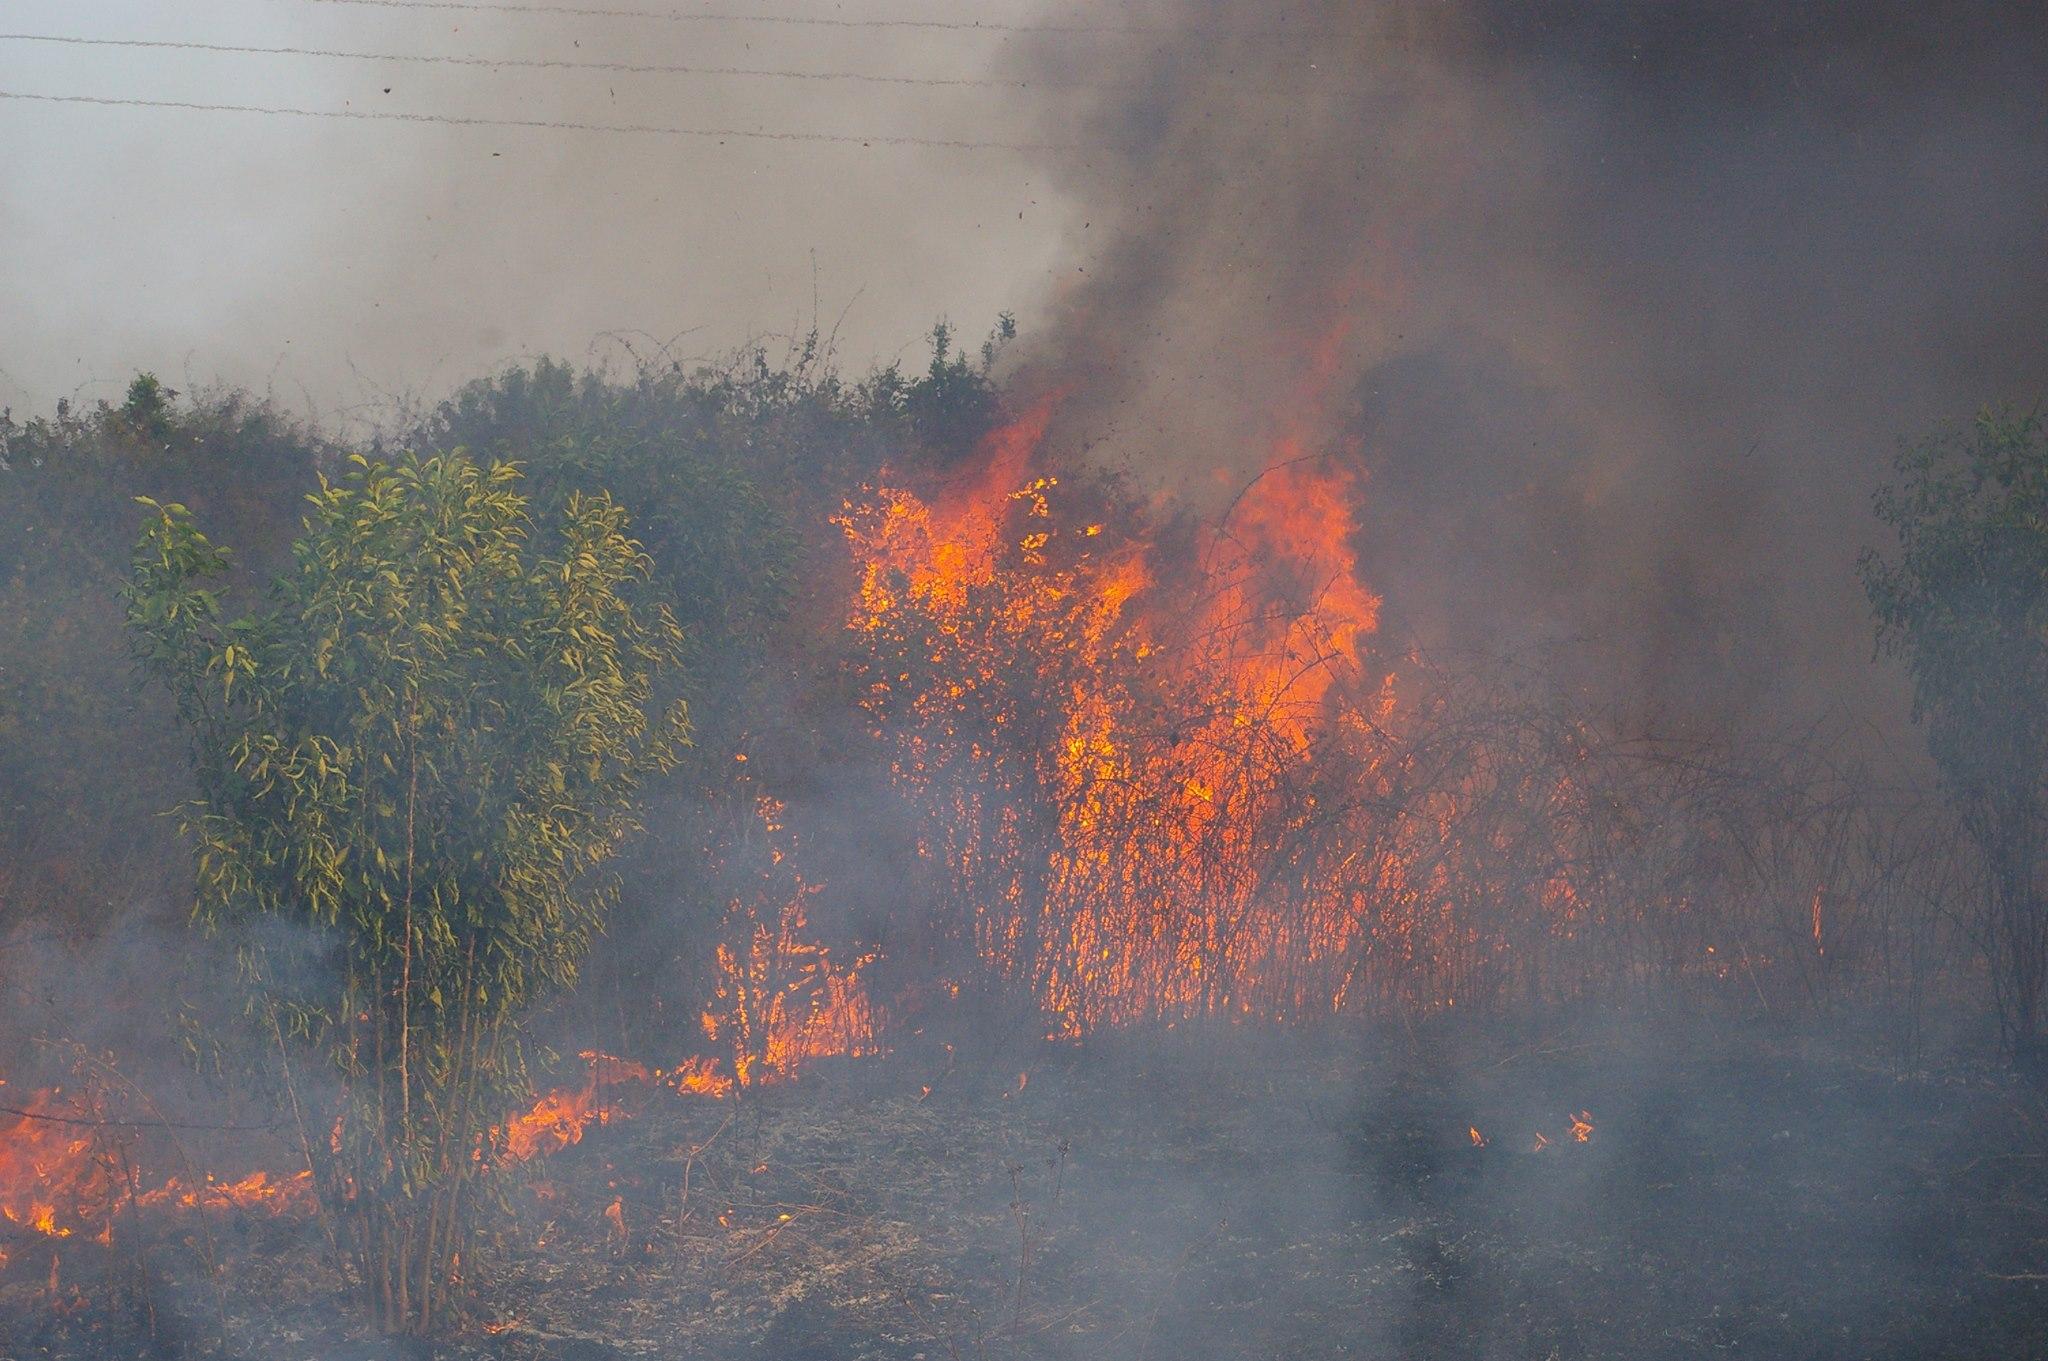 Υπό μερικό έλεγχο η πυρκαγιά στο Κορωπί | tovima.gr